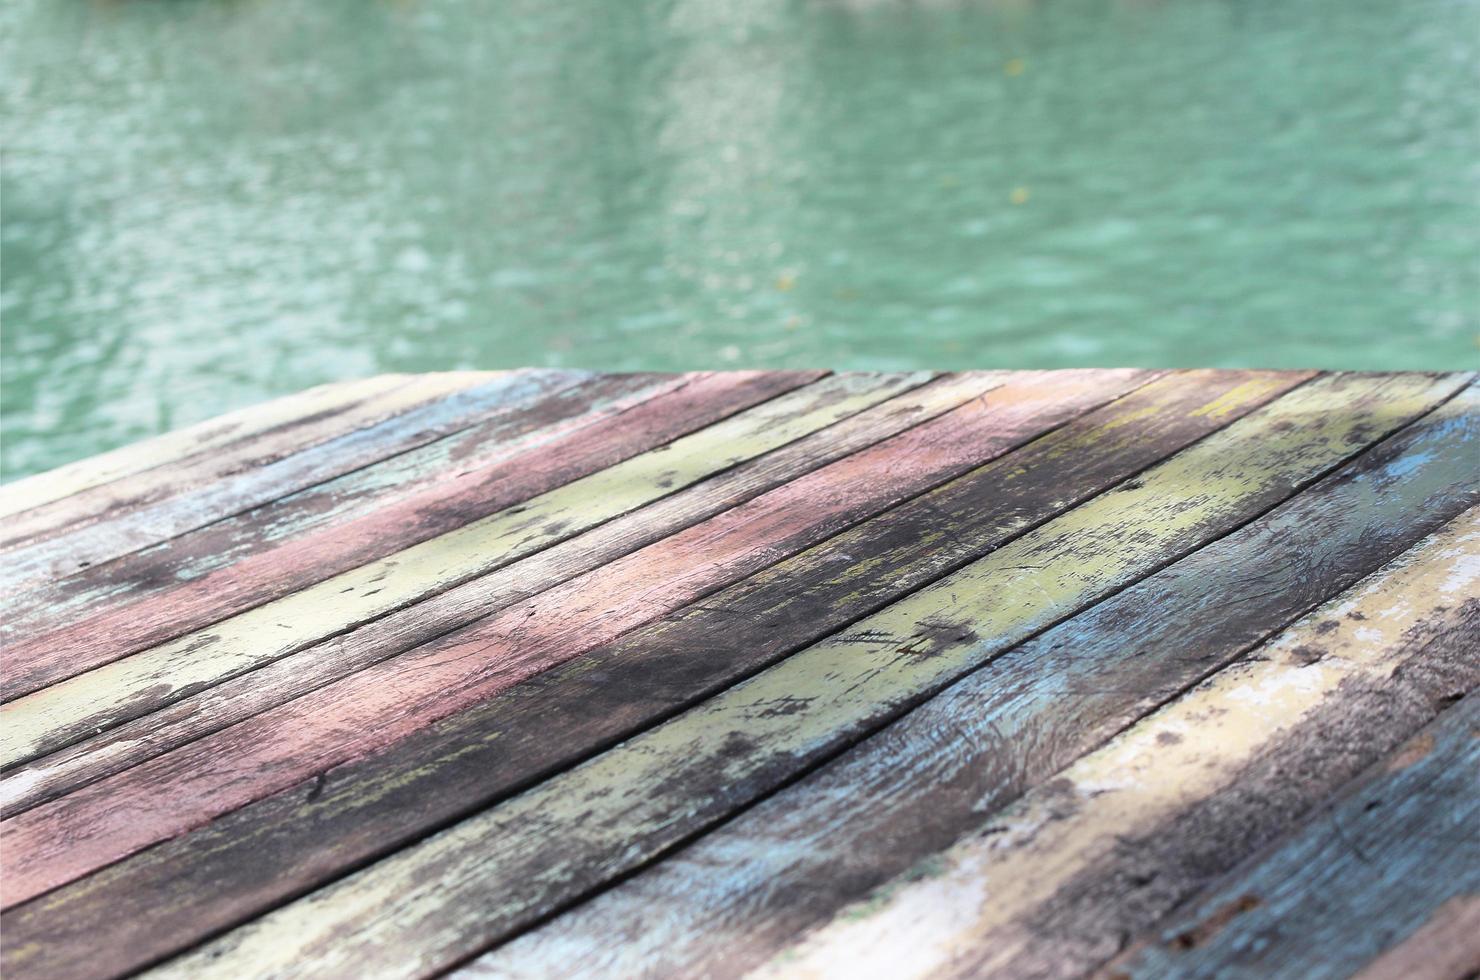 pontile in legno multicolore foto